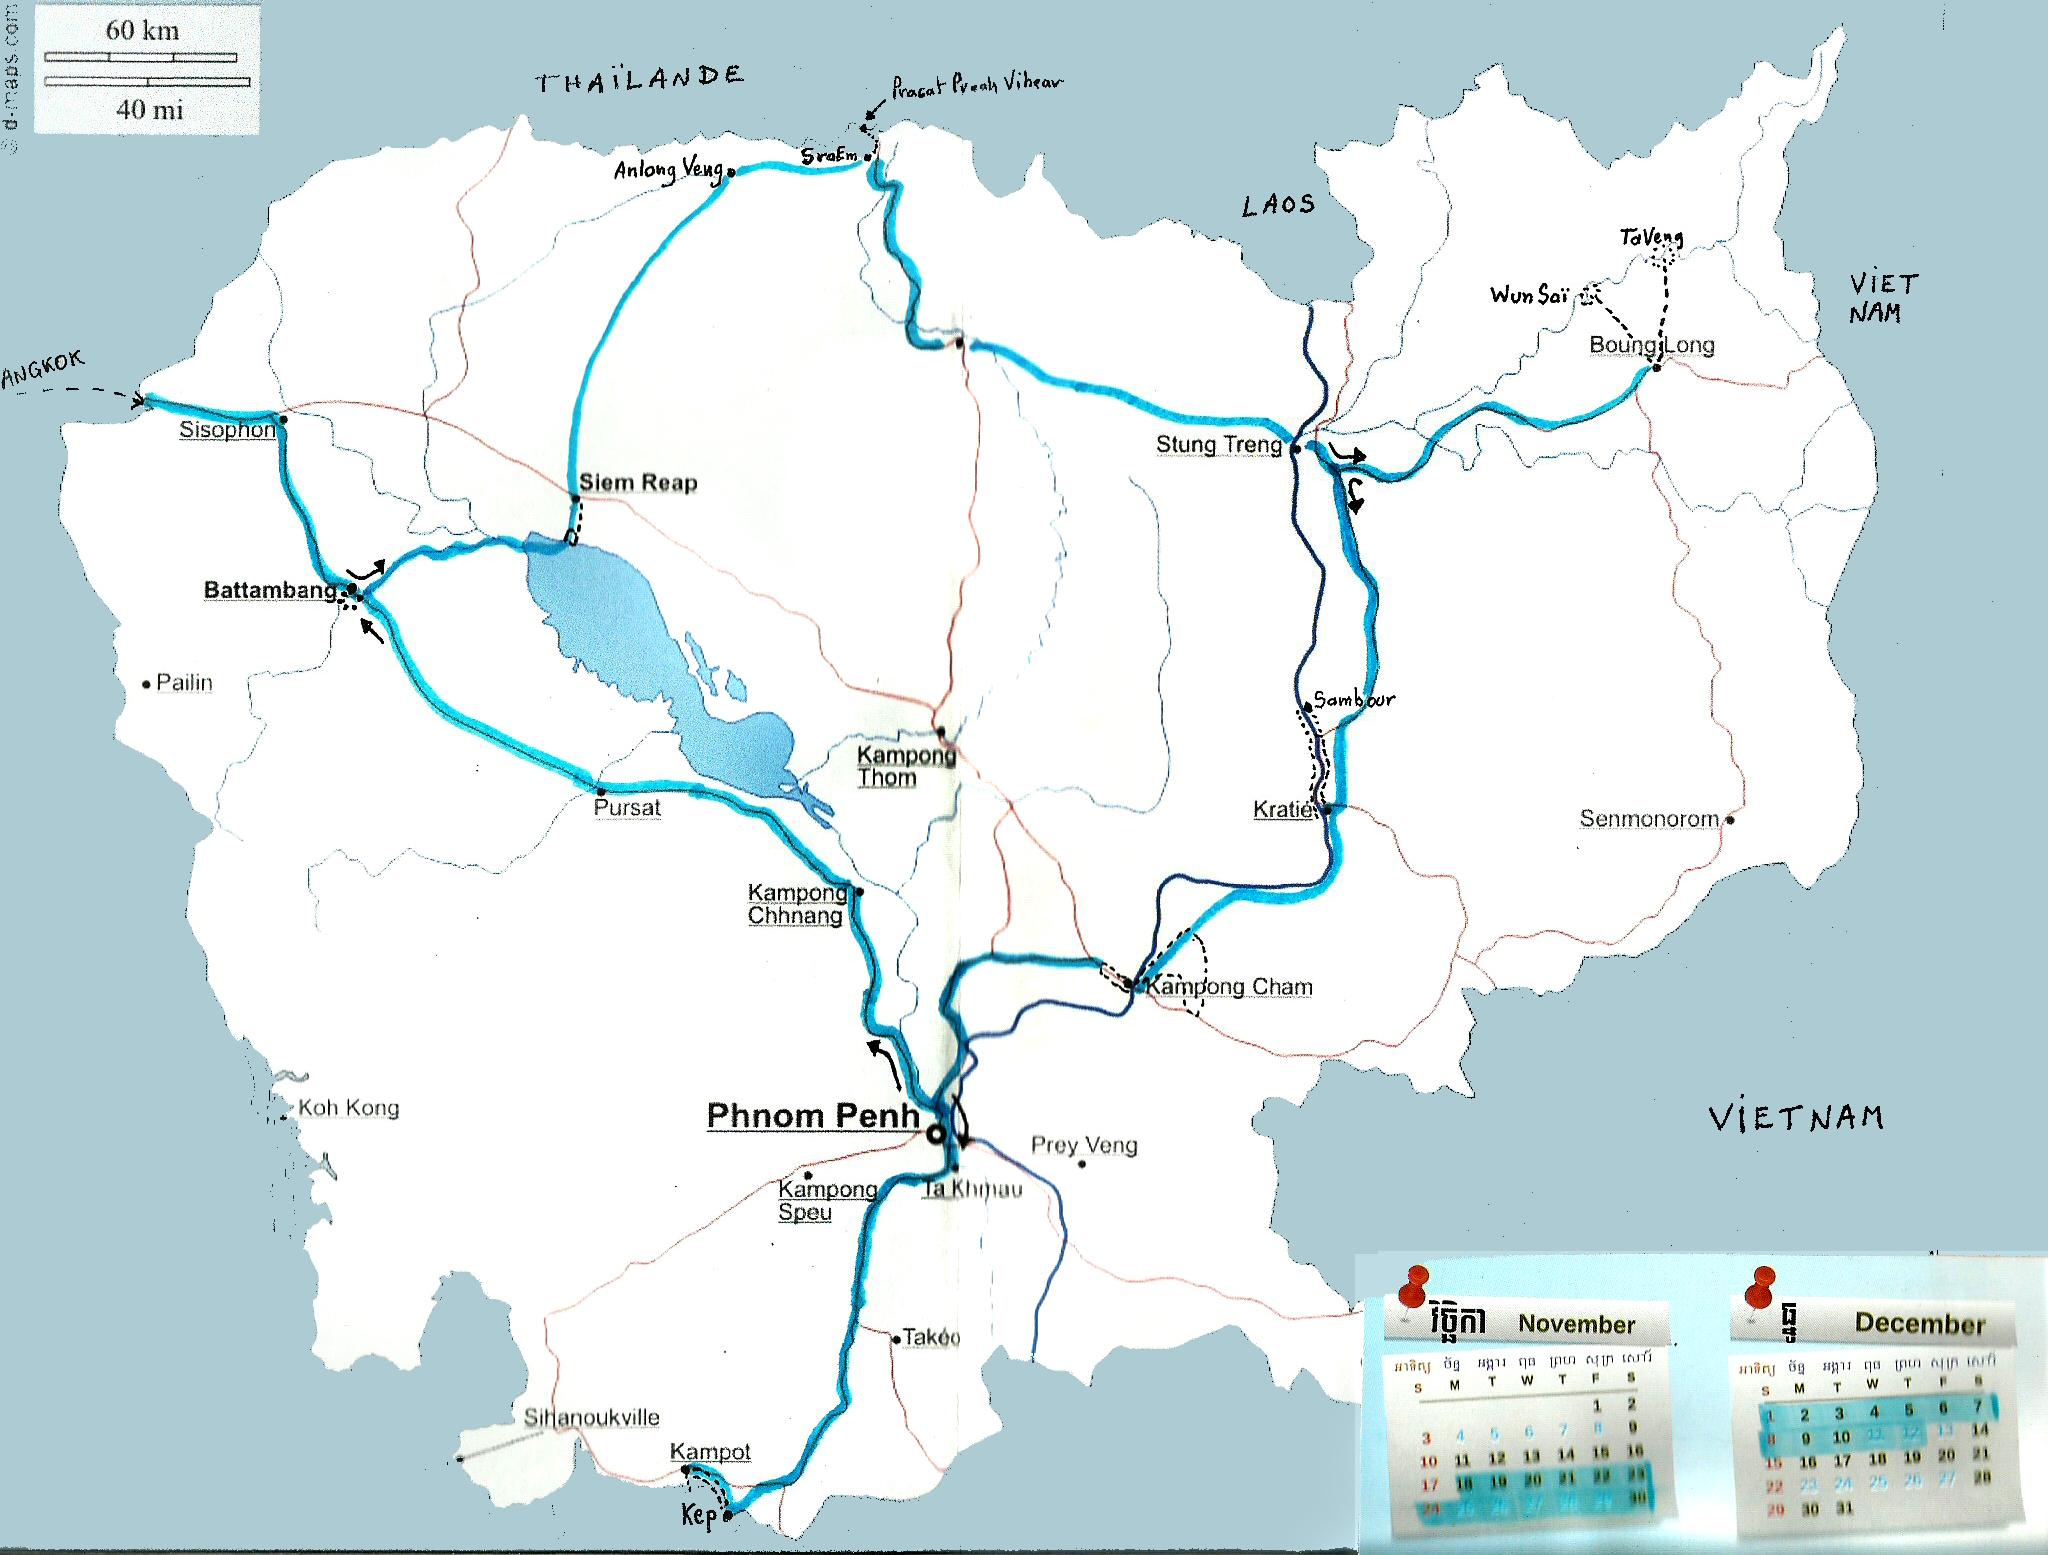 Notre route